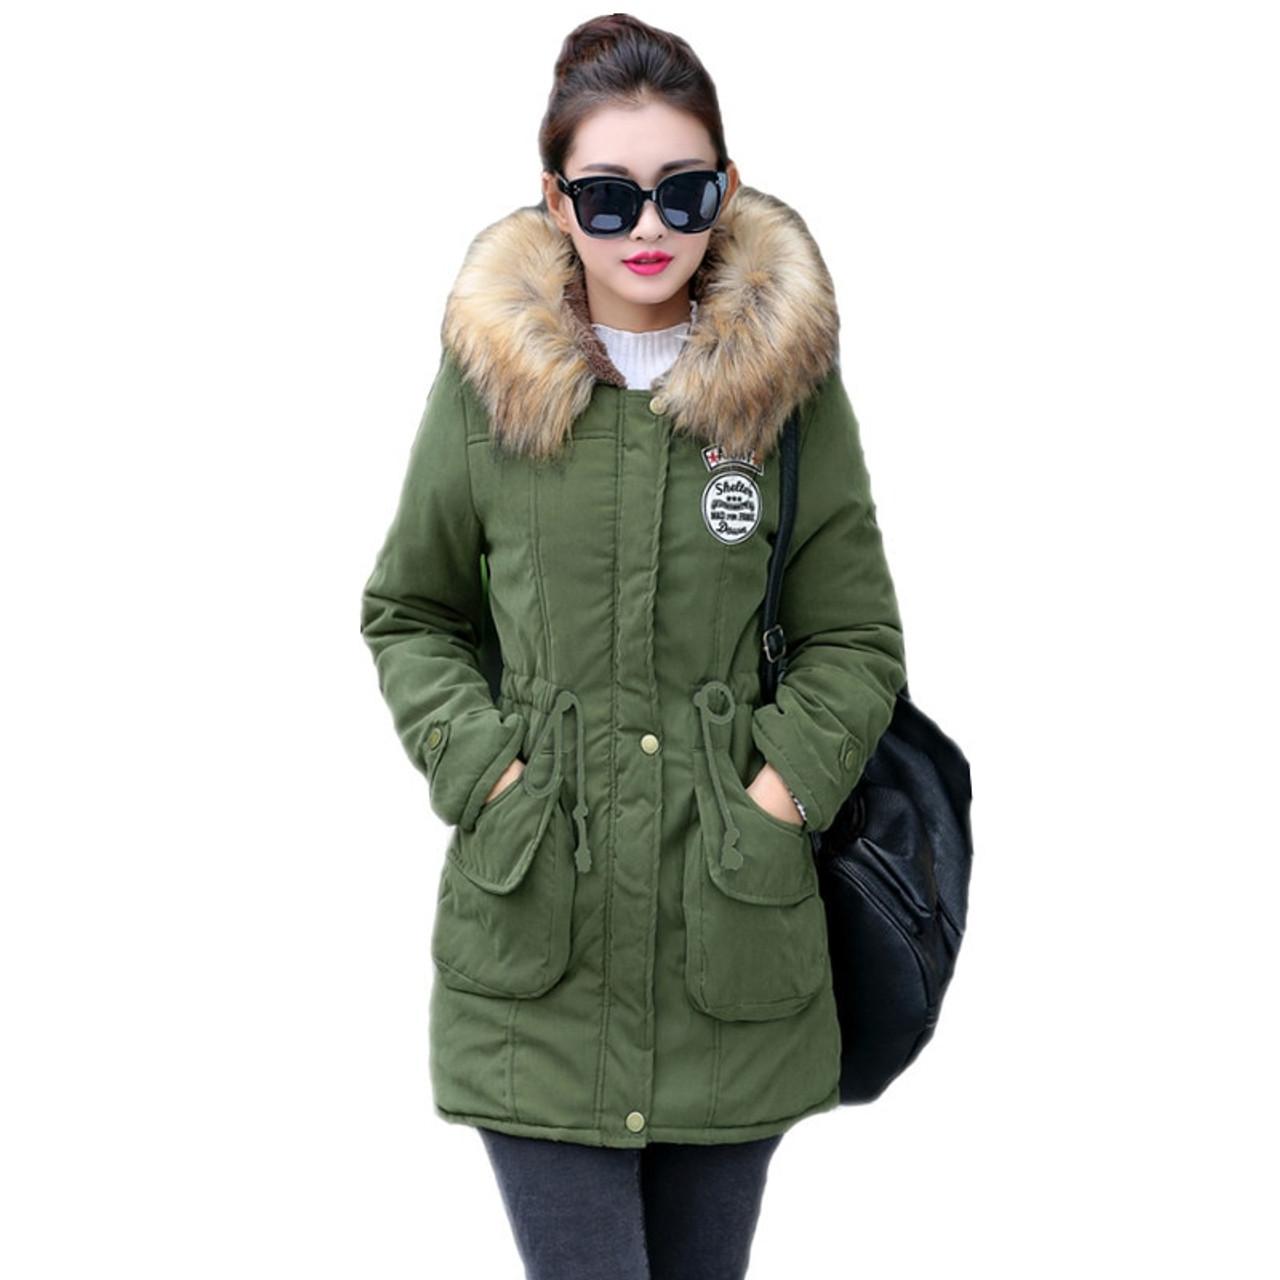 159028ea1 New Long Parkas Female Womens Winter Jacket Coat Thick Cotton Warm Jacket  Womens Outwear Parkas Plus Size Fur Coat 2018